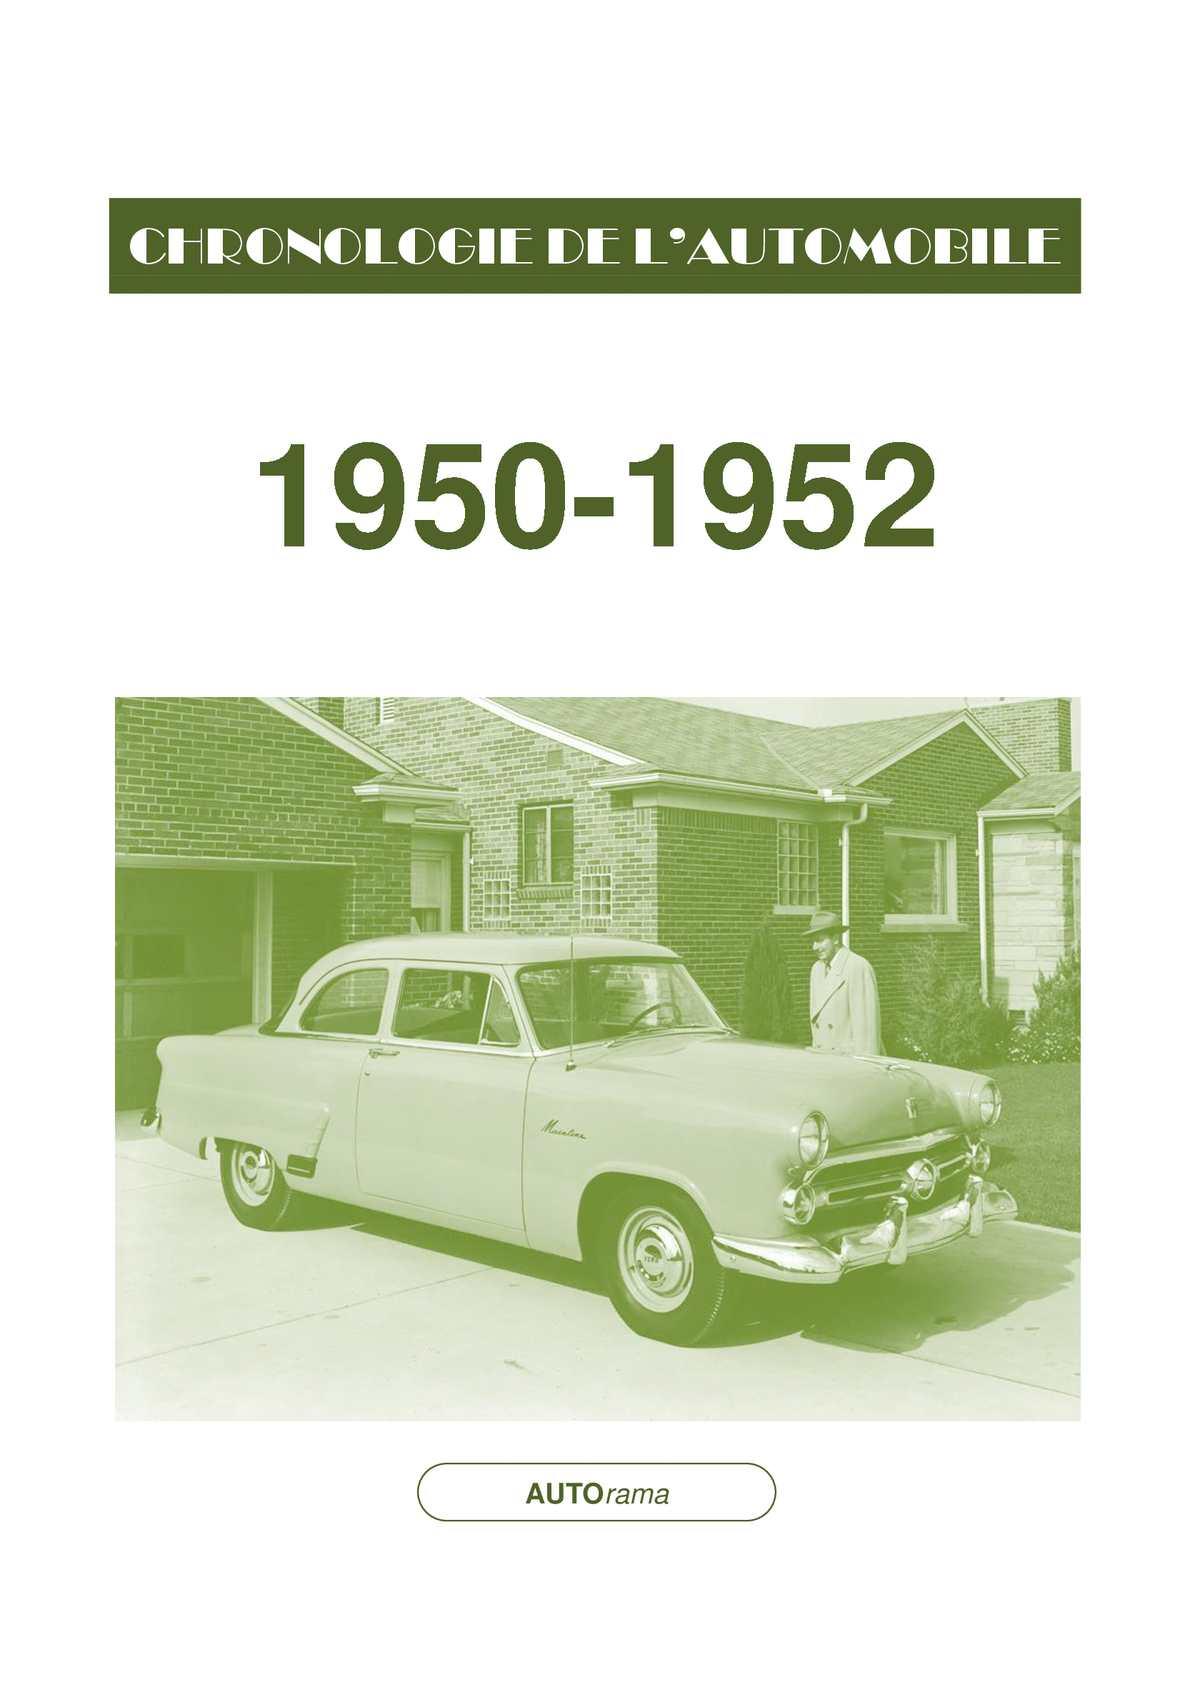 Chronologie de l'automobile - 1950-1952